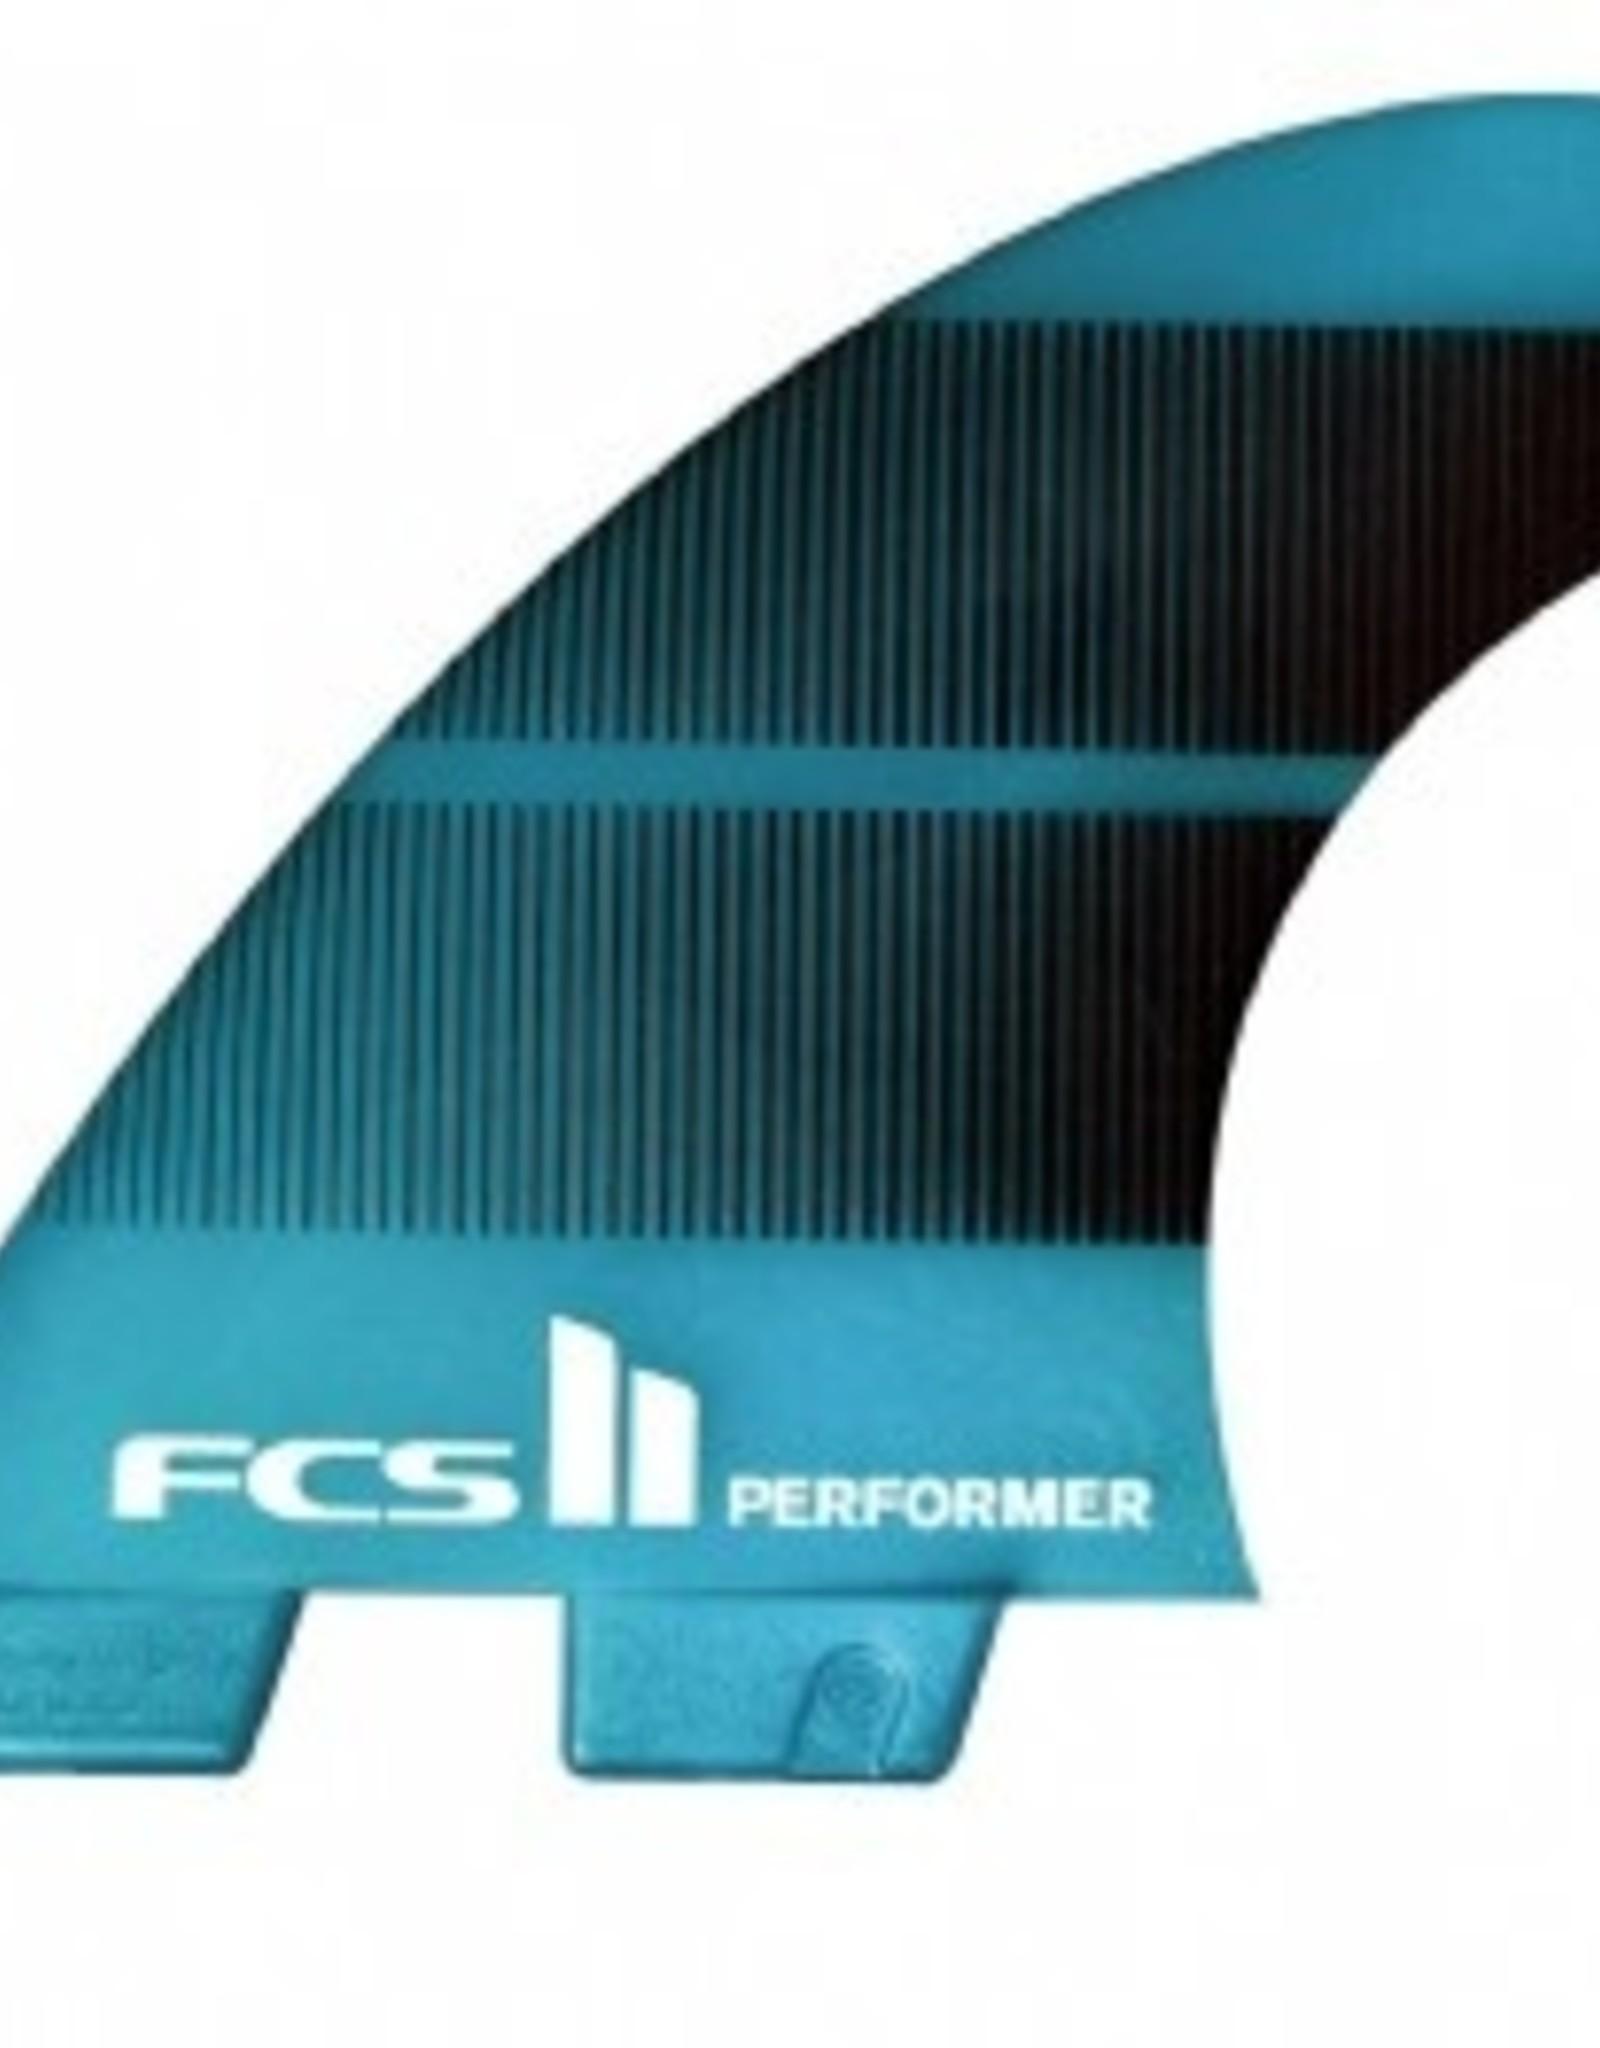 FCS FCS II Performer Neo Glass Medium Teal Gradient Tri-Quad Fin